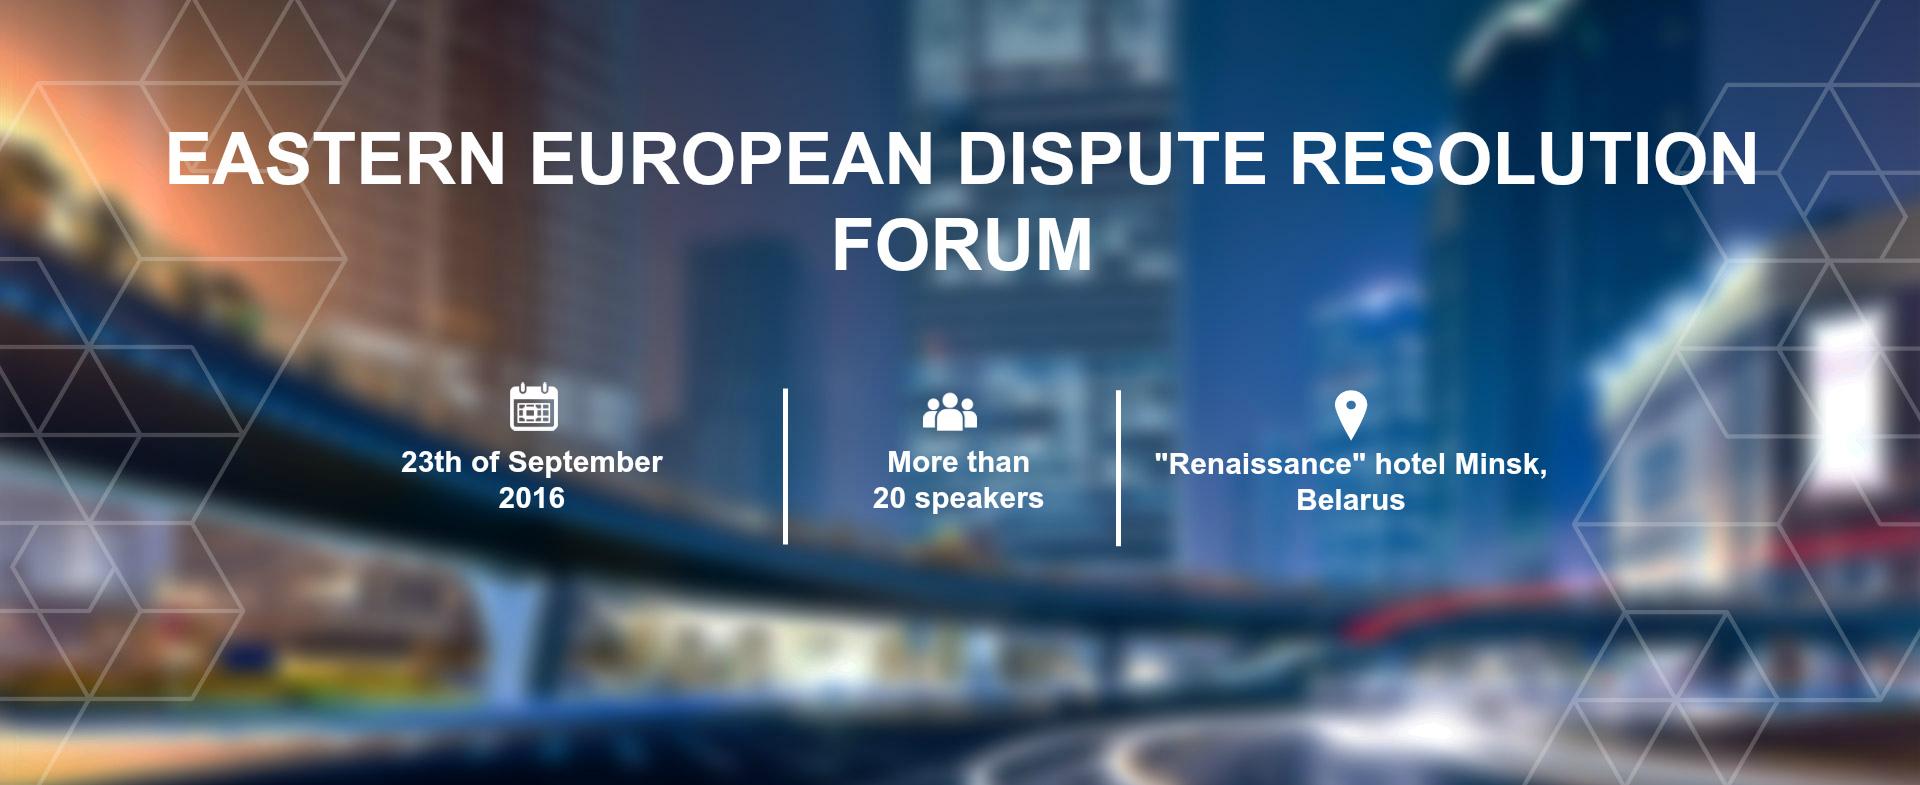 Eastern European Dispute Resolution Forum